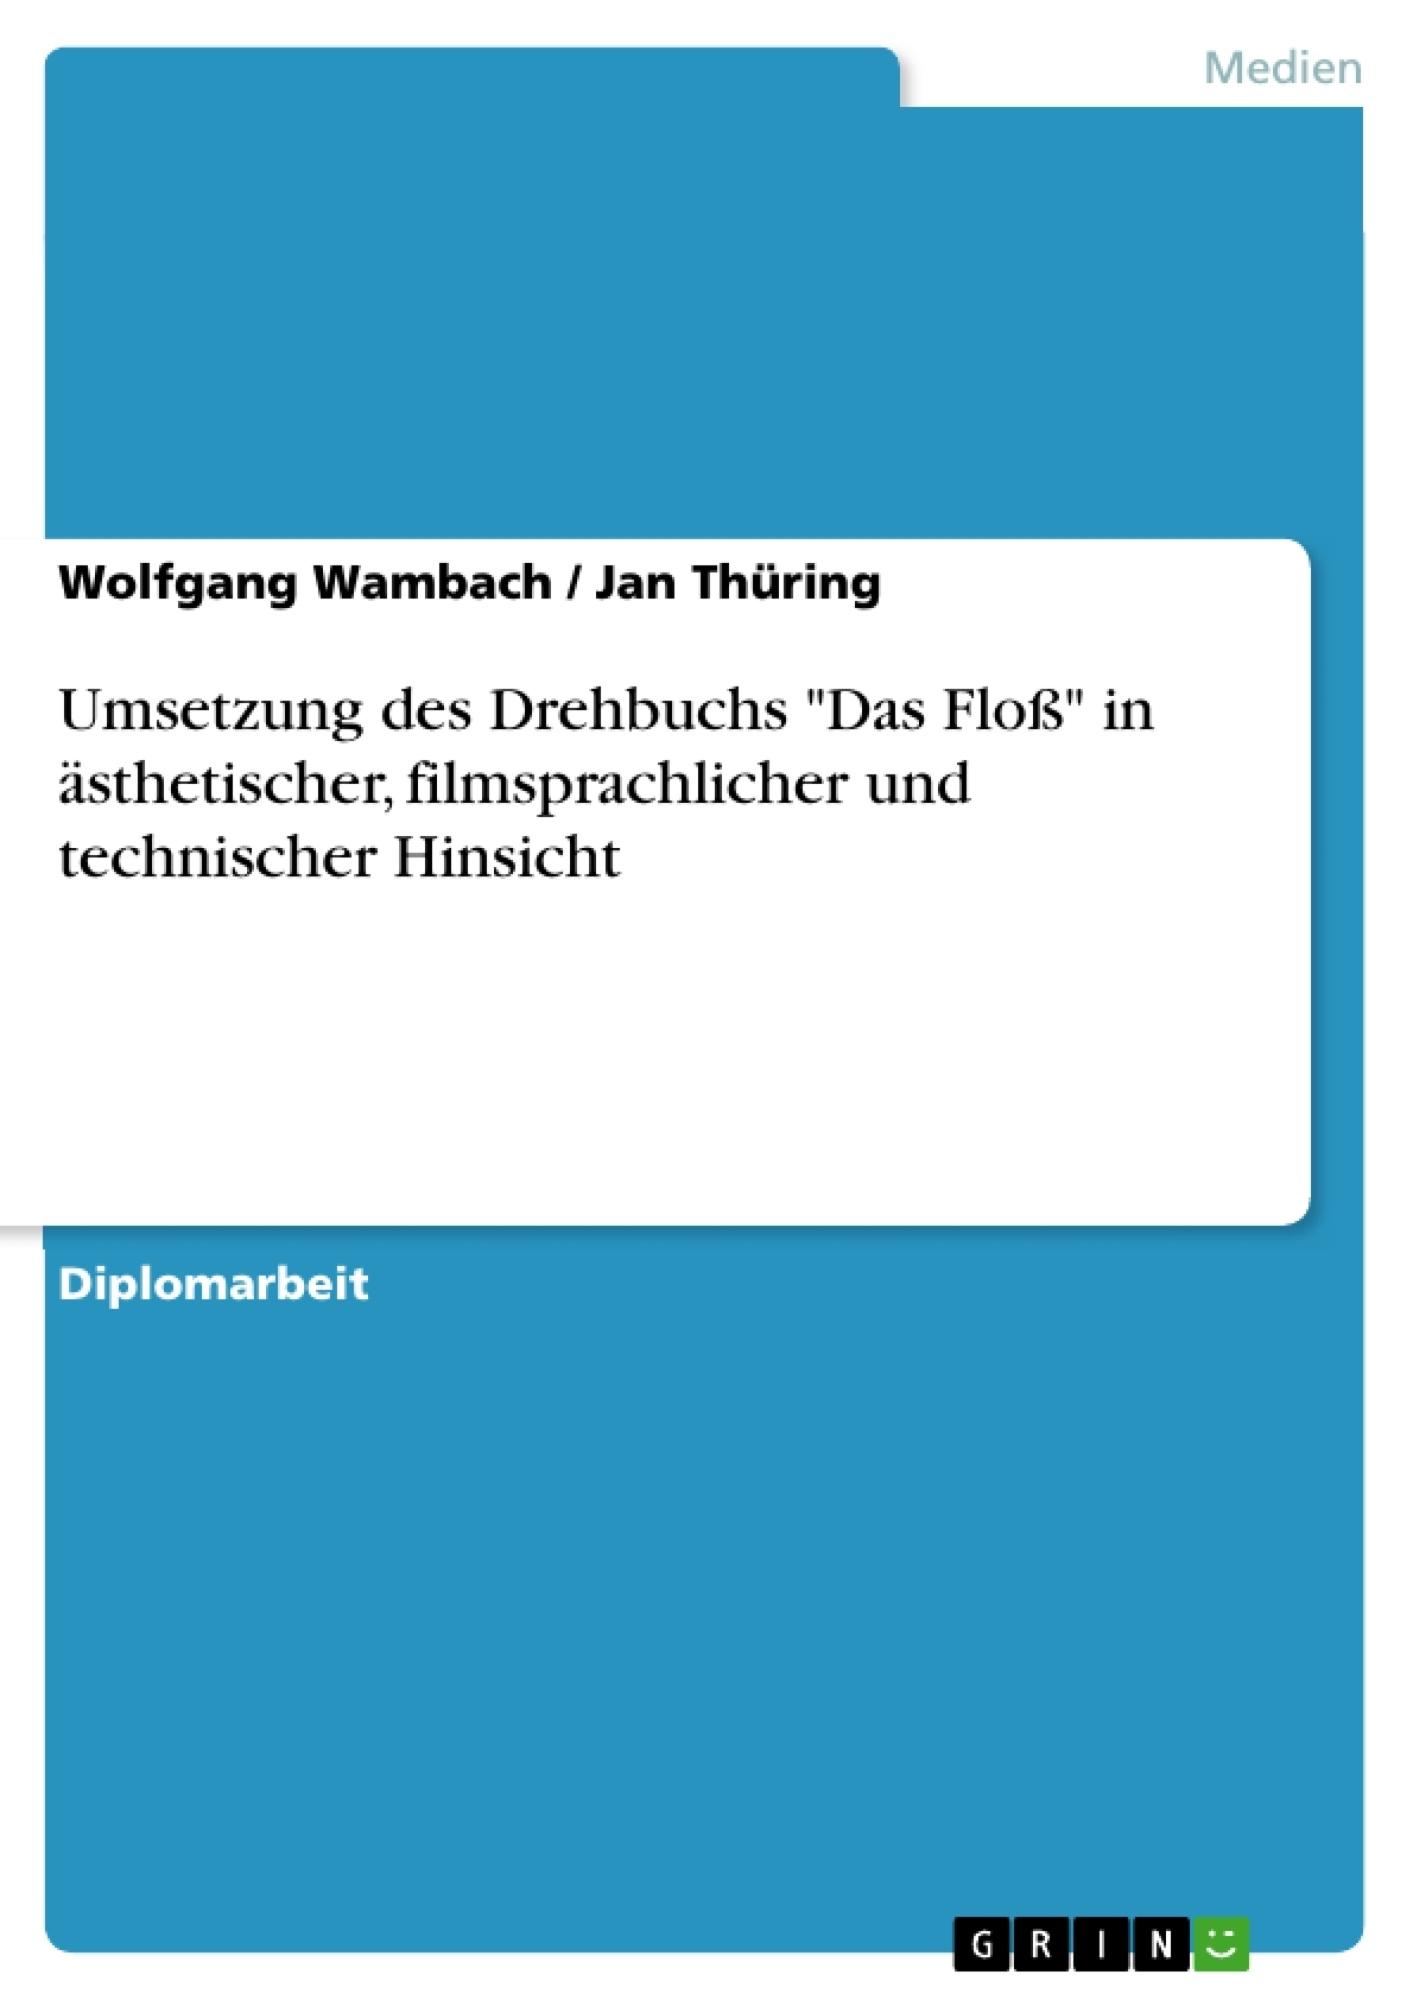 """Titel: Umsetzung des Drehbuchs """"Das Floß"""" in ästhetischer, filmsprachlicher und technischer Hinsicht"""